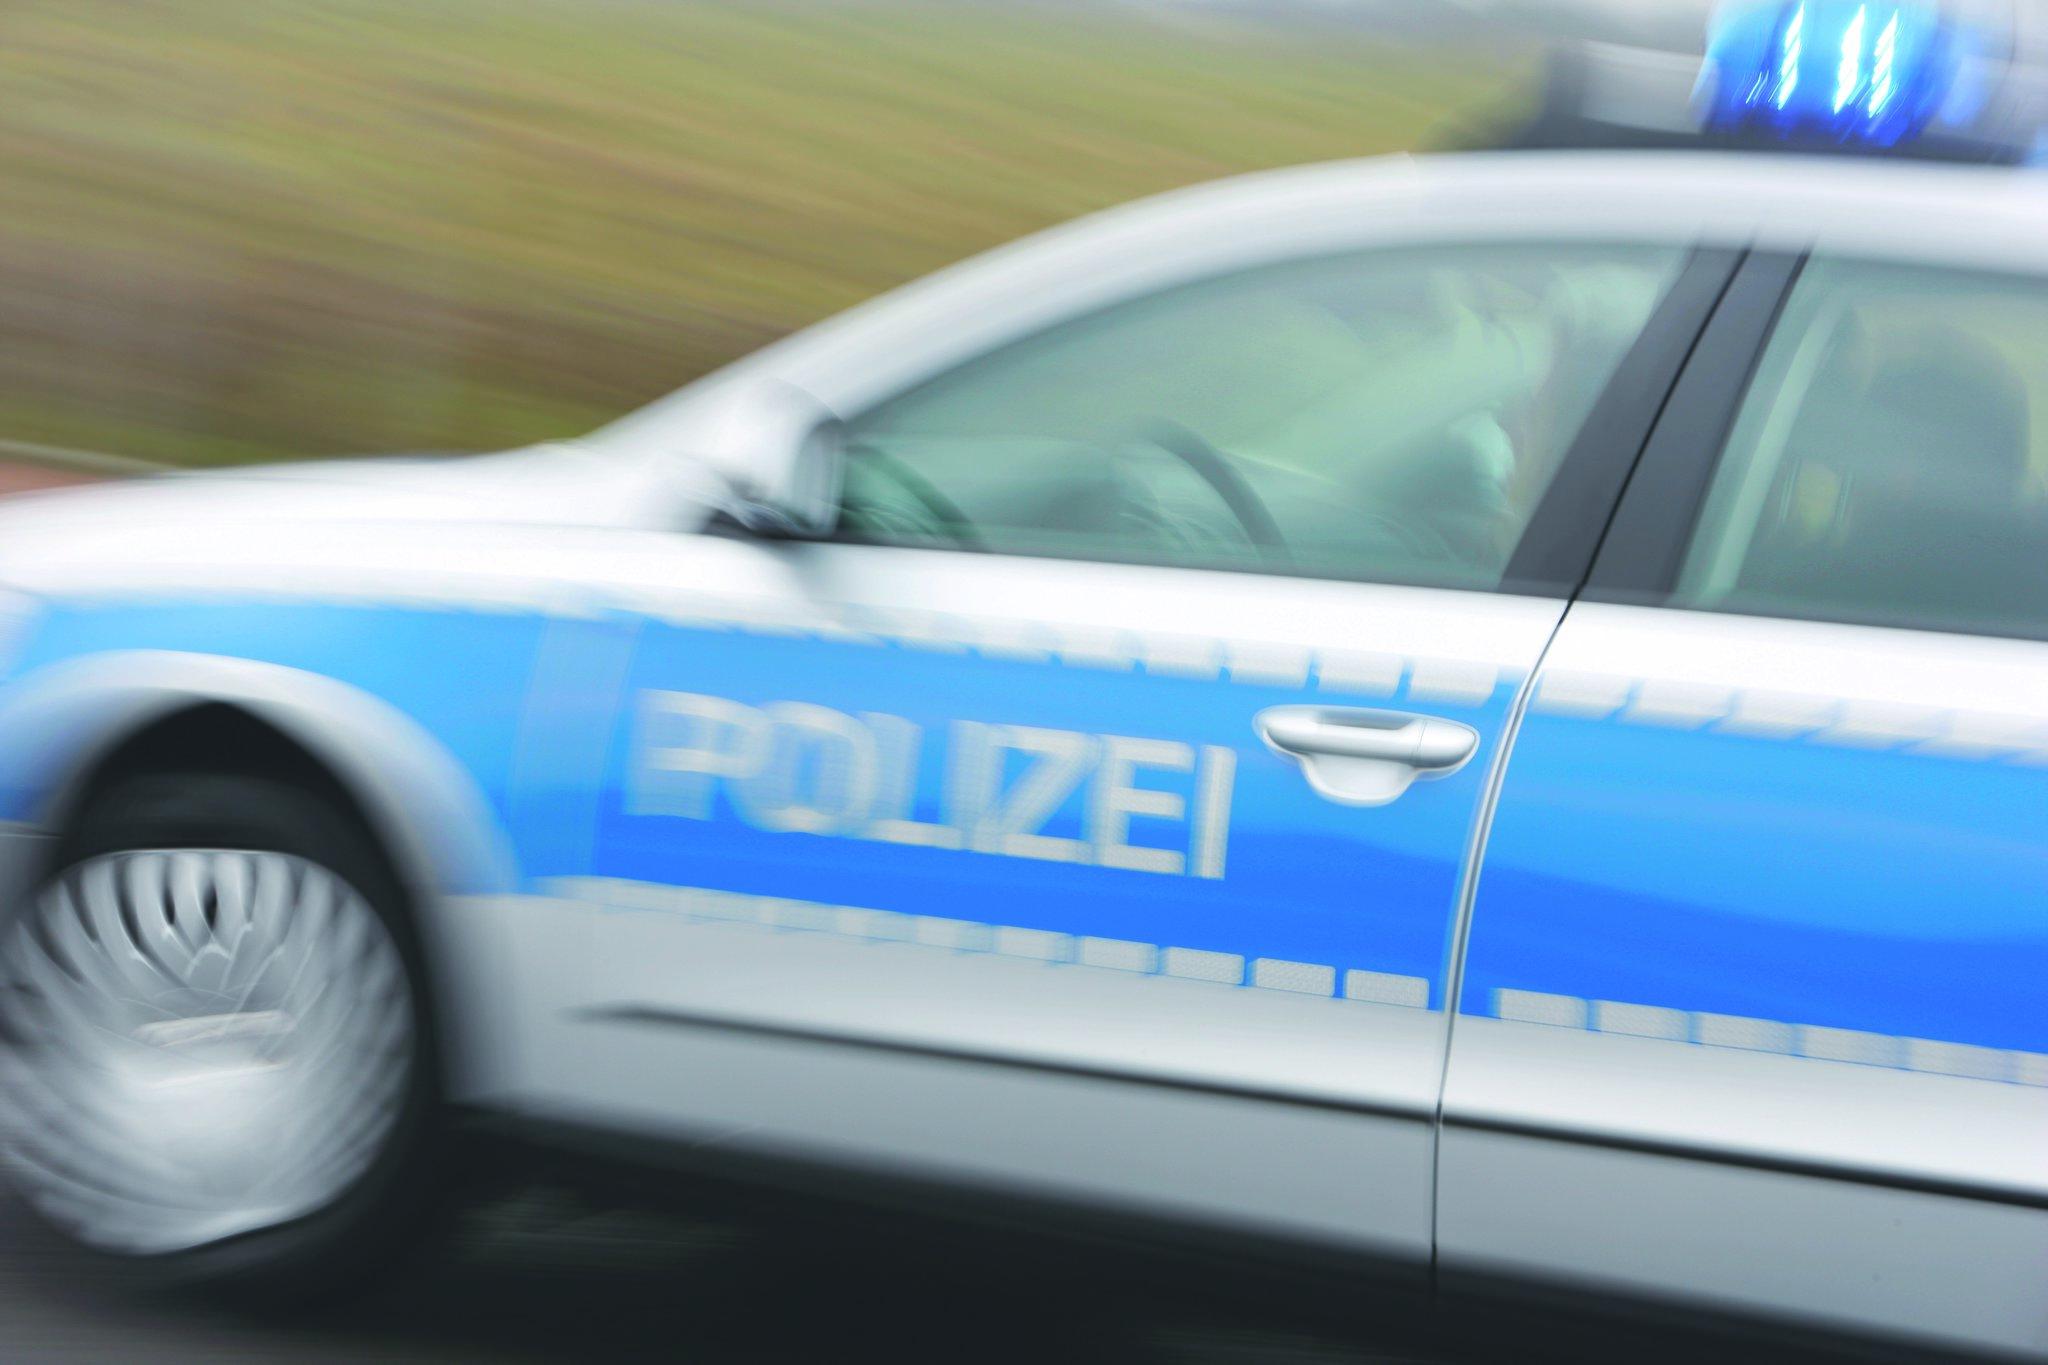 Polizei ermittelt in Wülfrath: Drei Menschen tot aufgefunden - Lokalkompass.de